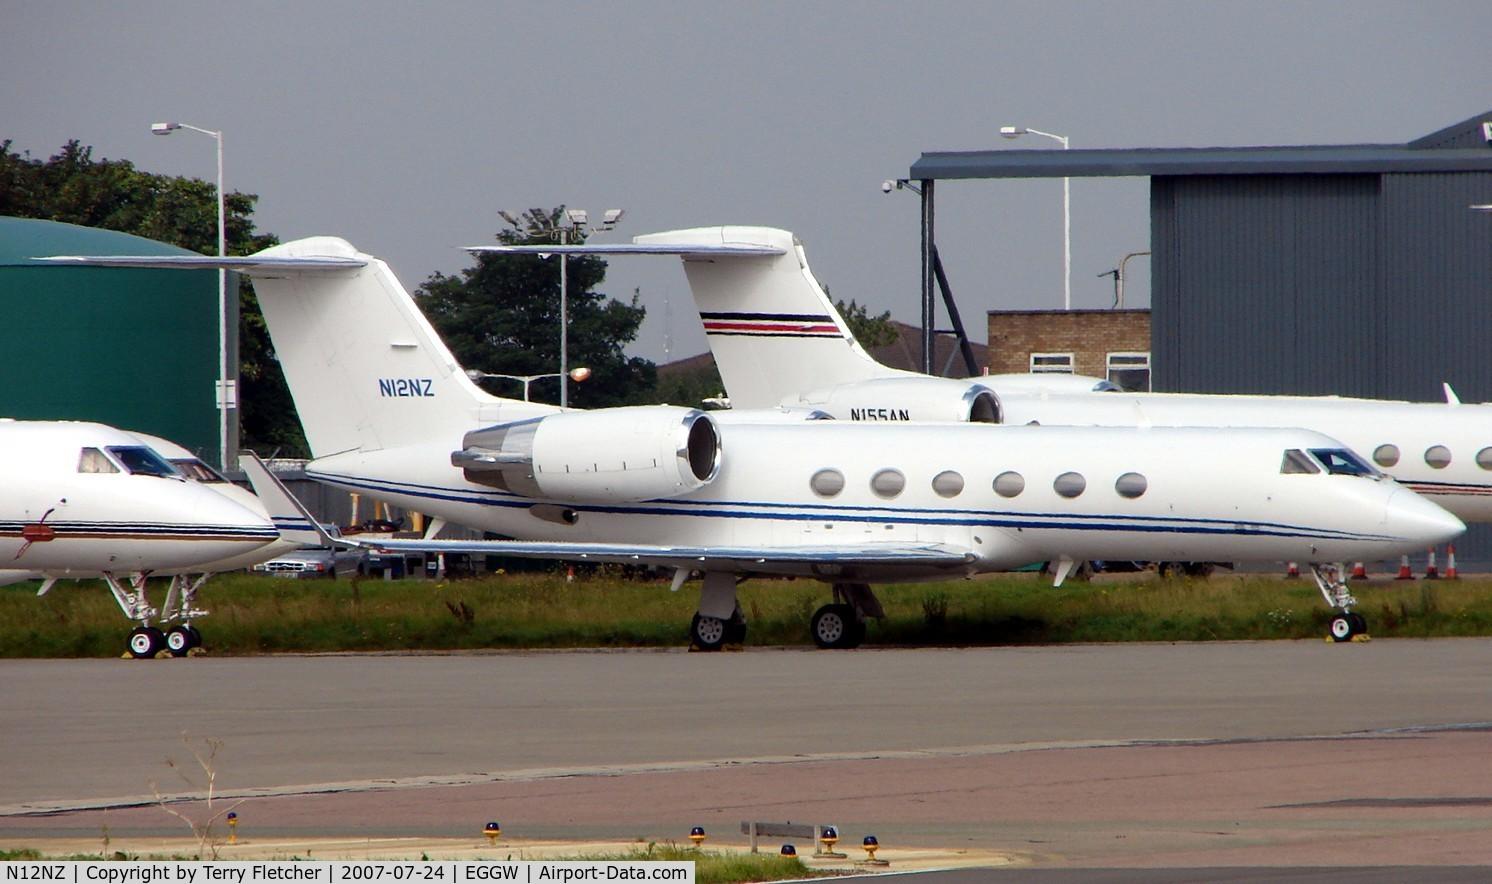 N12NZ, 1999 Gulfstream Aerospace G-IV C/N 1376, Gulfstream G1159C